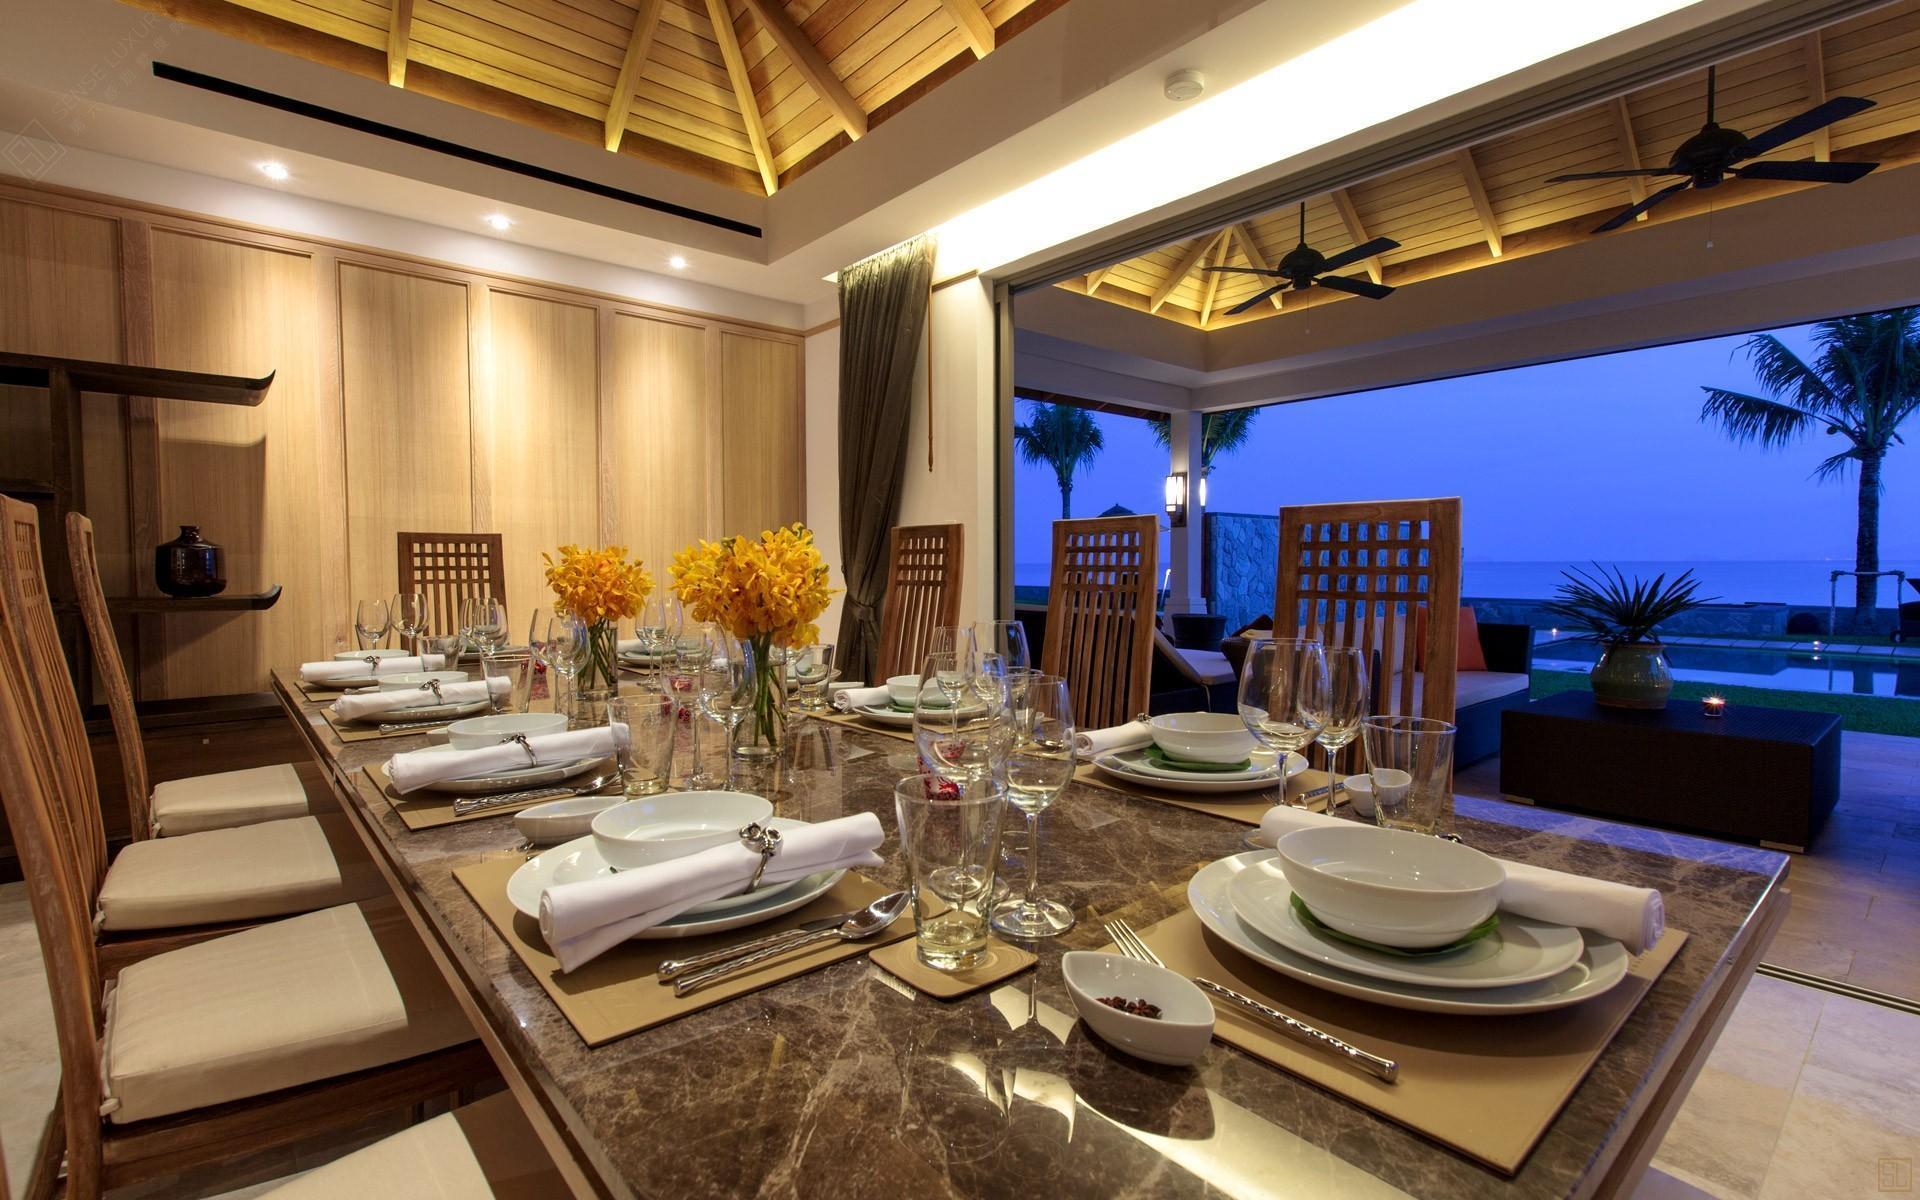 泰国苏梅岛密斯卡湾吾玉别墅餐厅